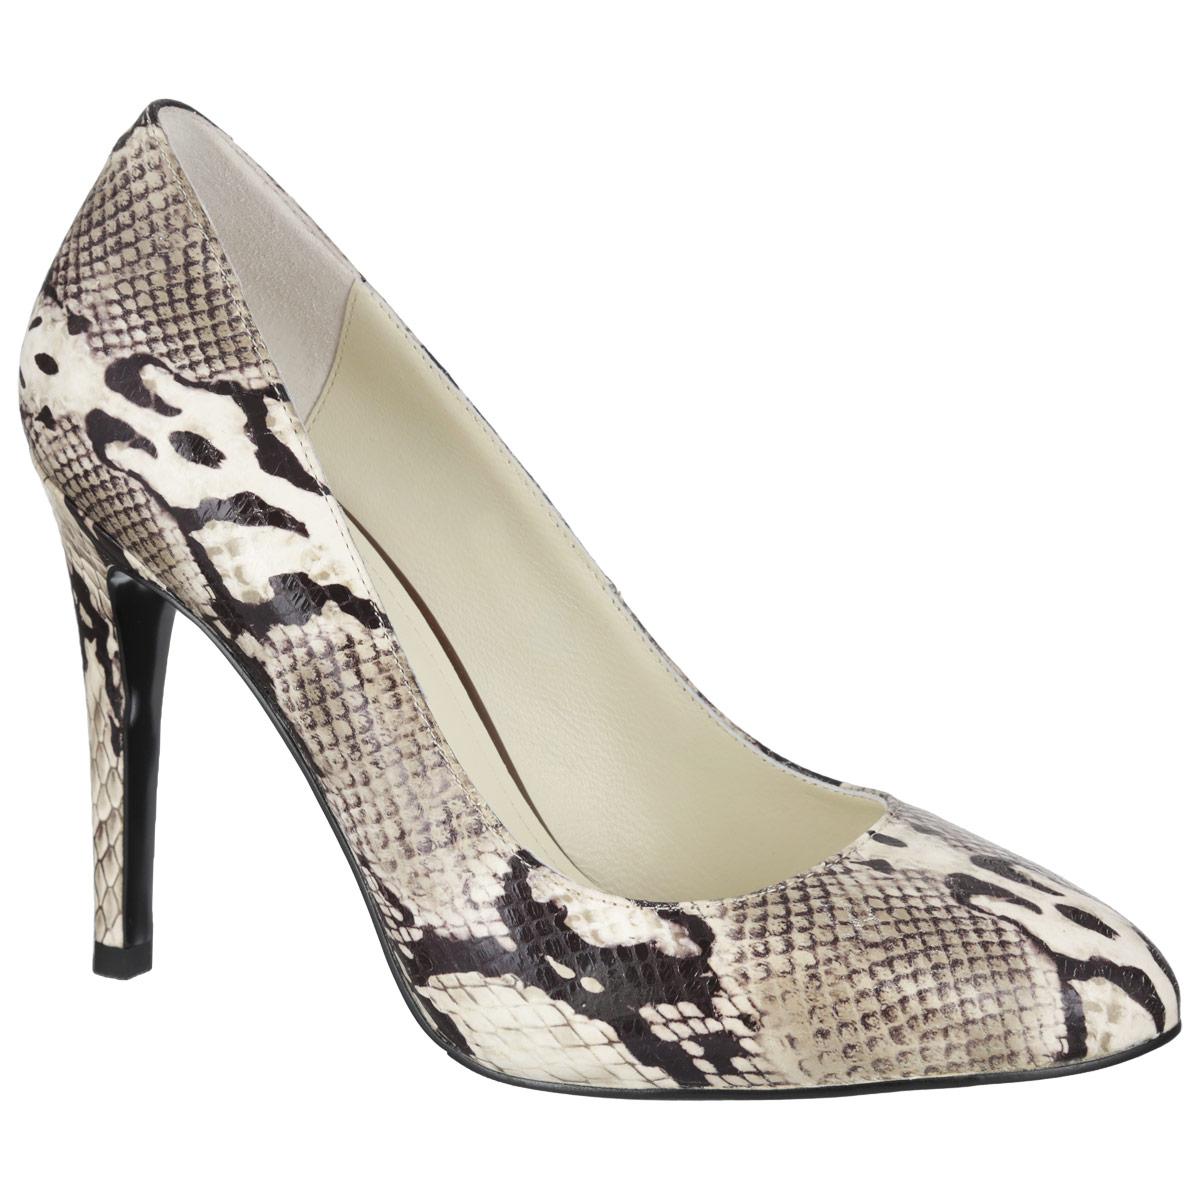 Туфли женские. 4641646416Роскошные туфли от Vitacci - незаменимая вещь в гардеробе настоящей модницы. Модель выполнена из натуральной высококачественной кожи и оформлена узором, имитирующим змеиную чешую. Мягкая стелька из натуральной кожи обеспечивает комфорт и удобство при ходьбе. Рифленая поверхность подошвы защищает изделие от скольжения. Трендовые туфли помогут вам создать яркий, запоминающийся образ.